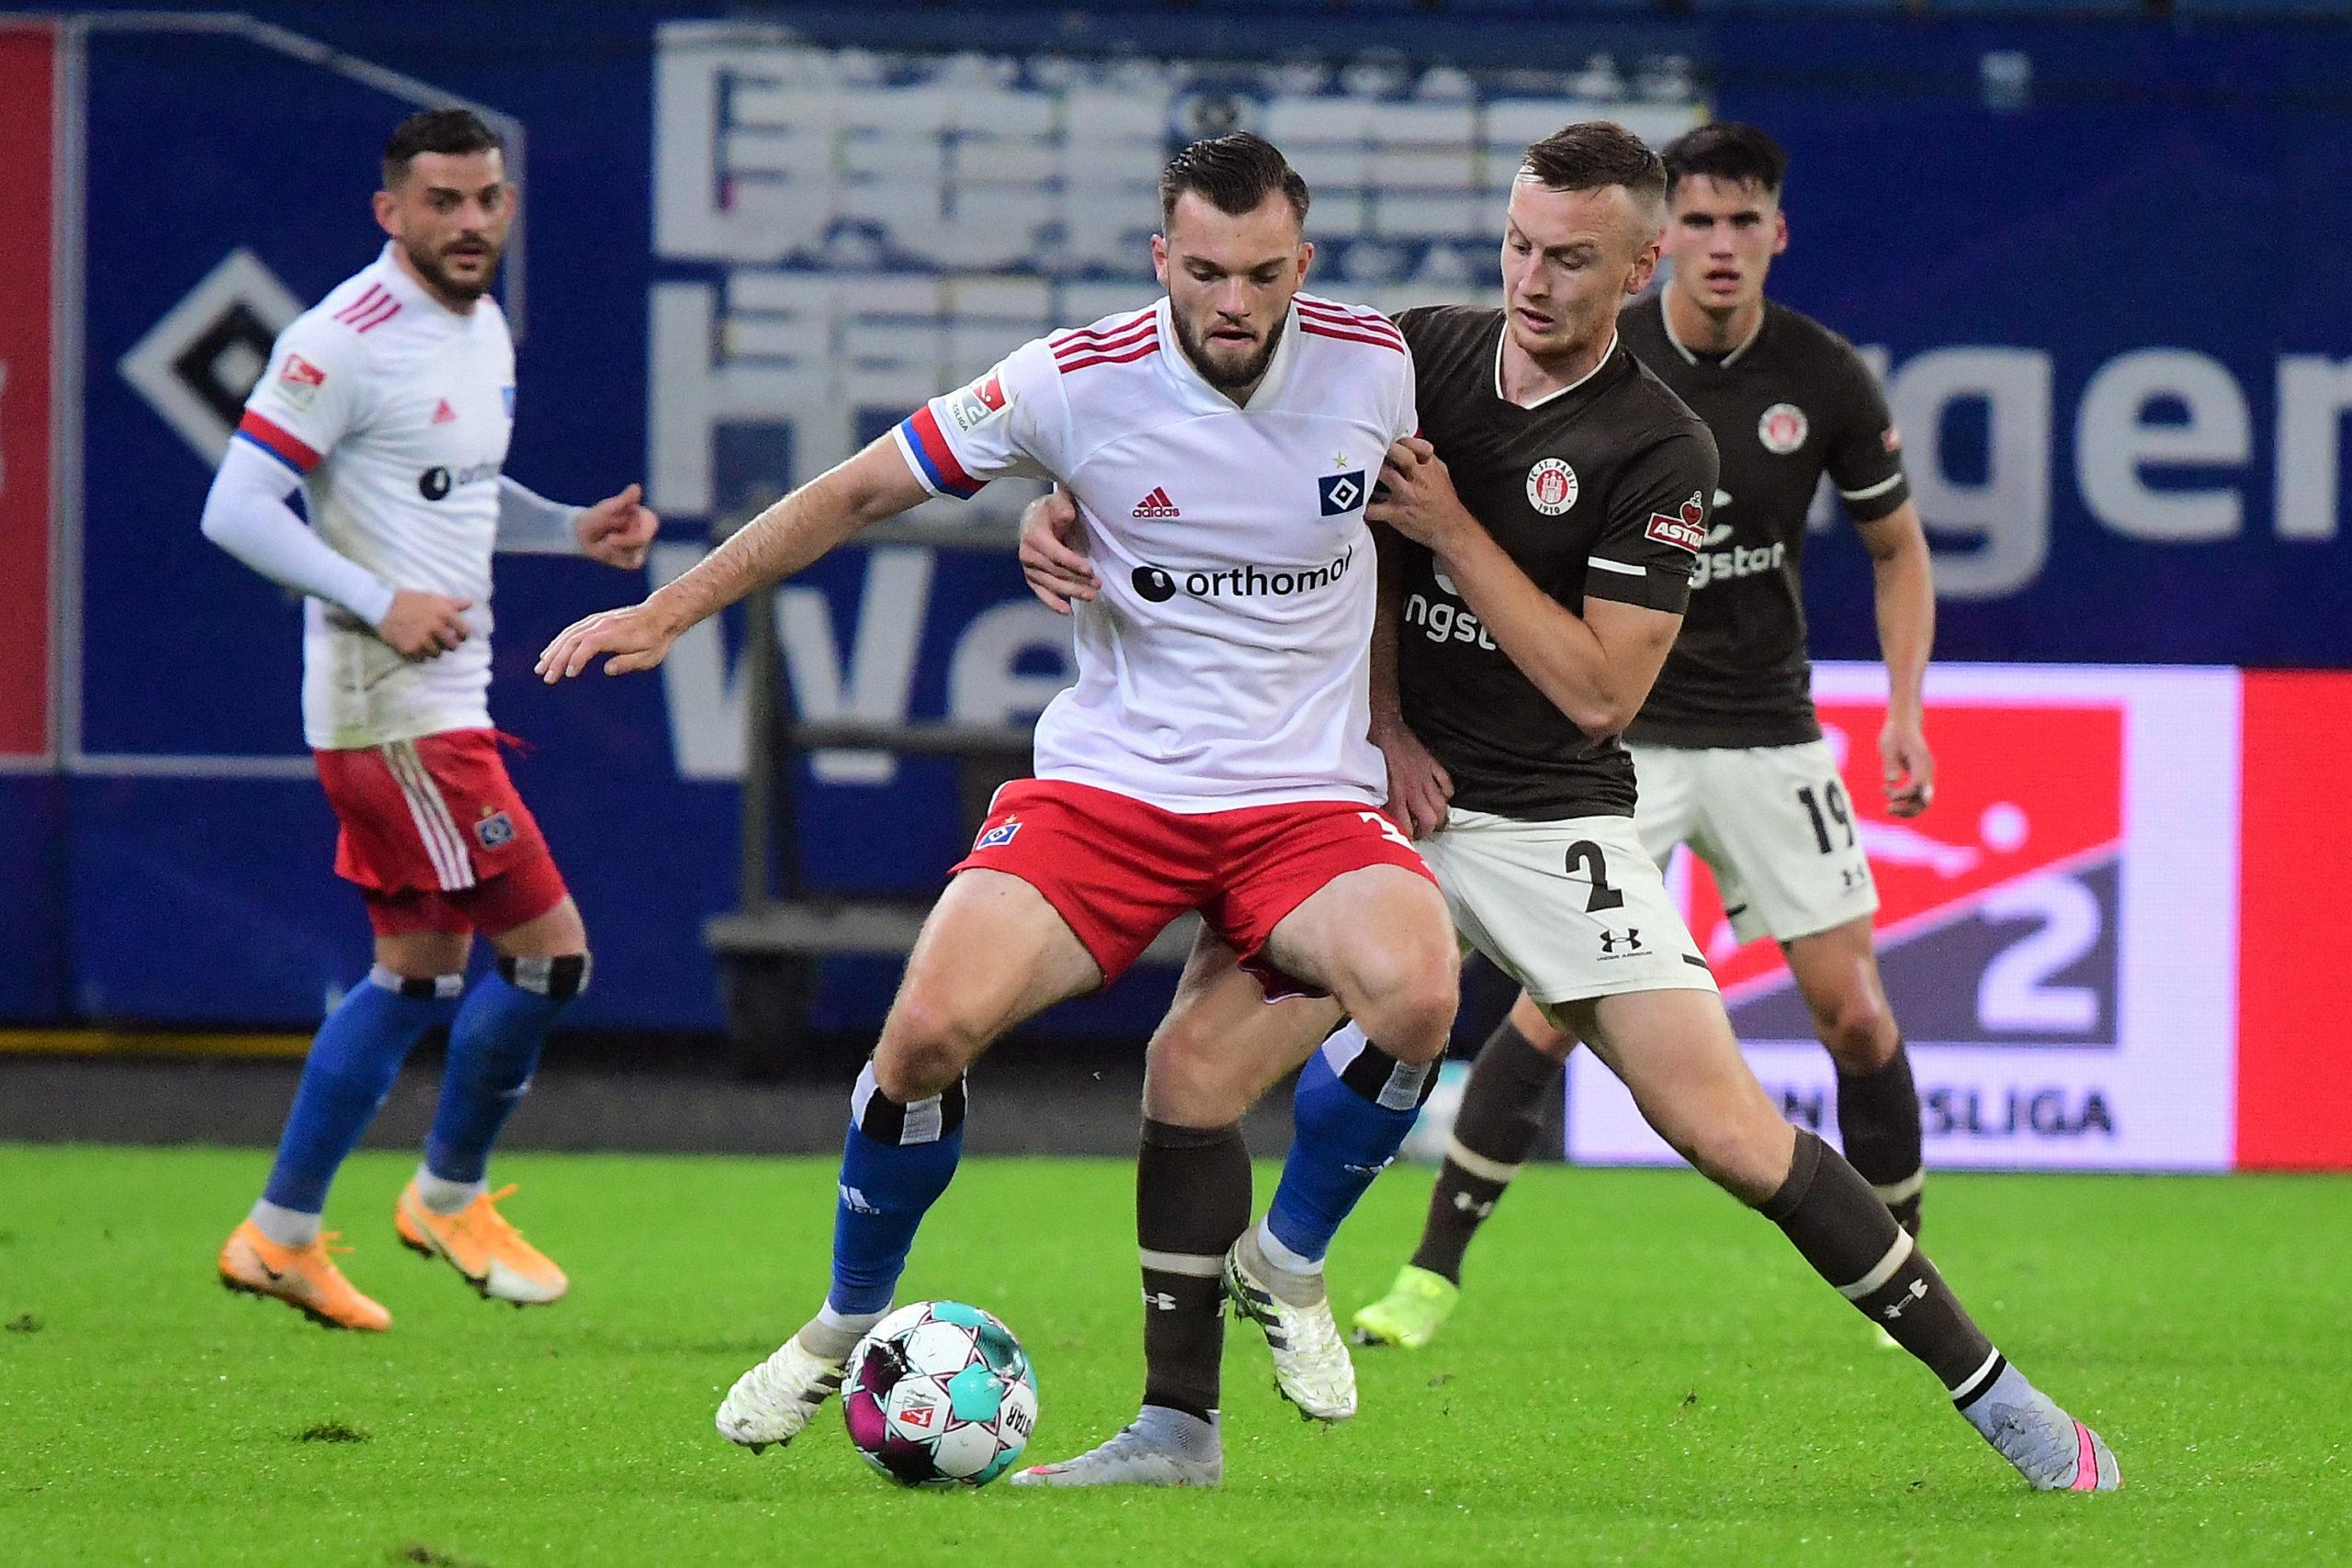 Nach dem Spiel – Hamburger SV (A) – Spieltag 6 – Saison 2020/21